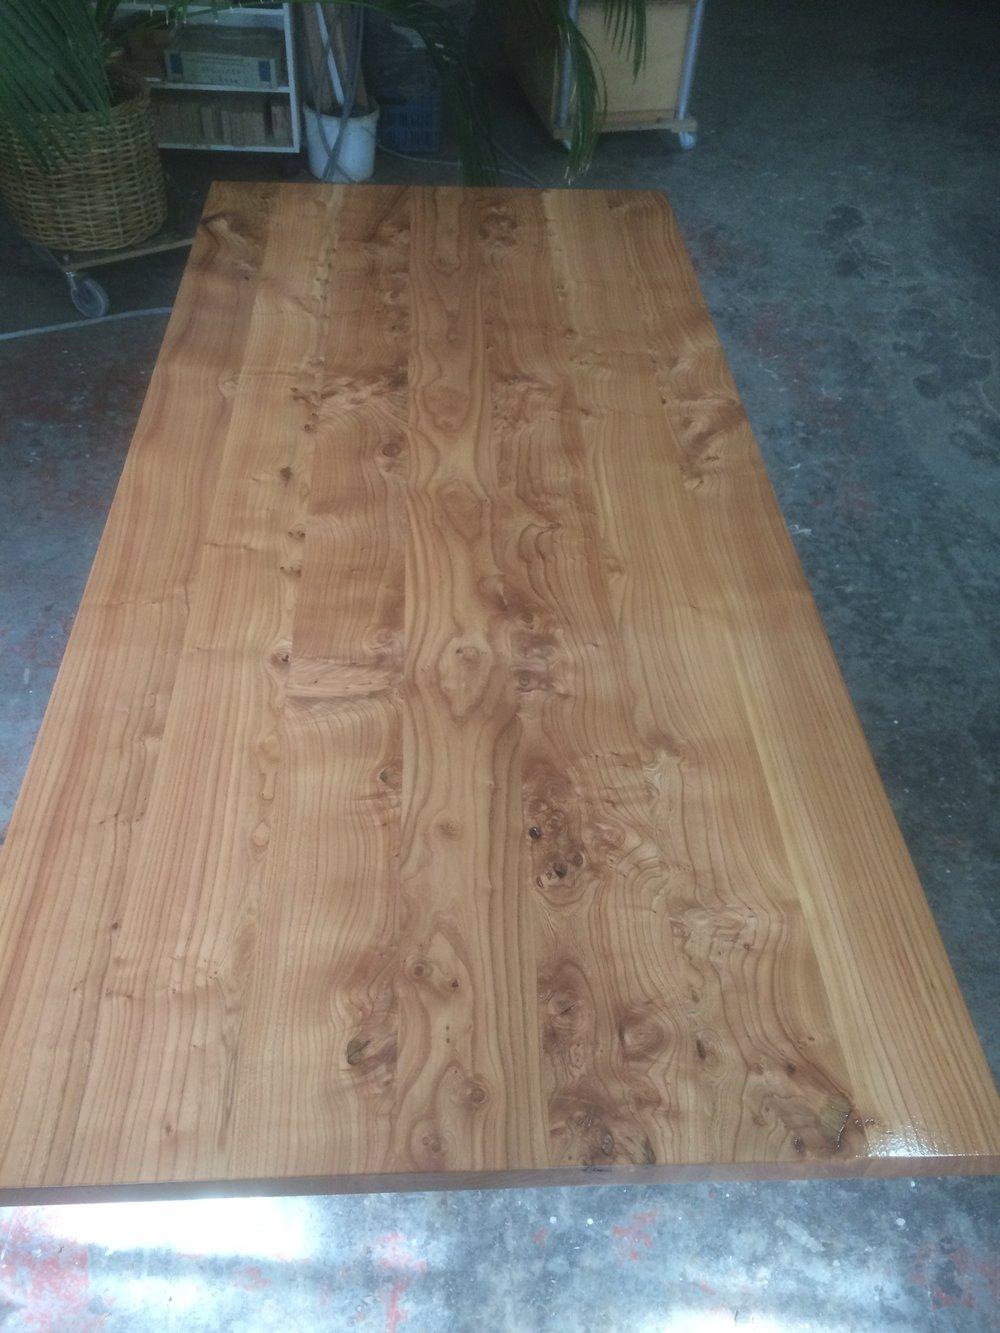 Tischplatte aus Rüster mit wundervollen Ästen und Röschen, für den Tisch SID fertig geölt